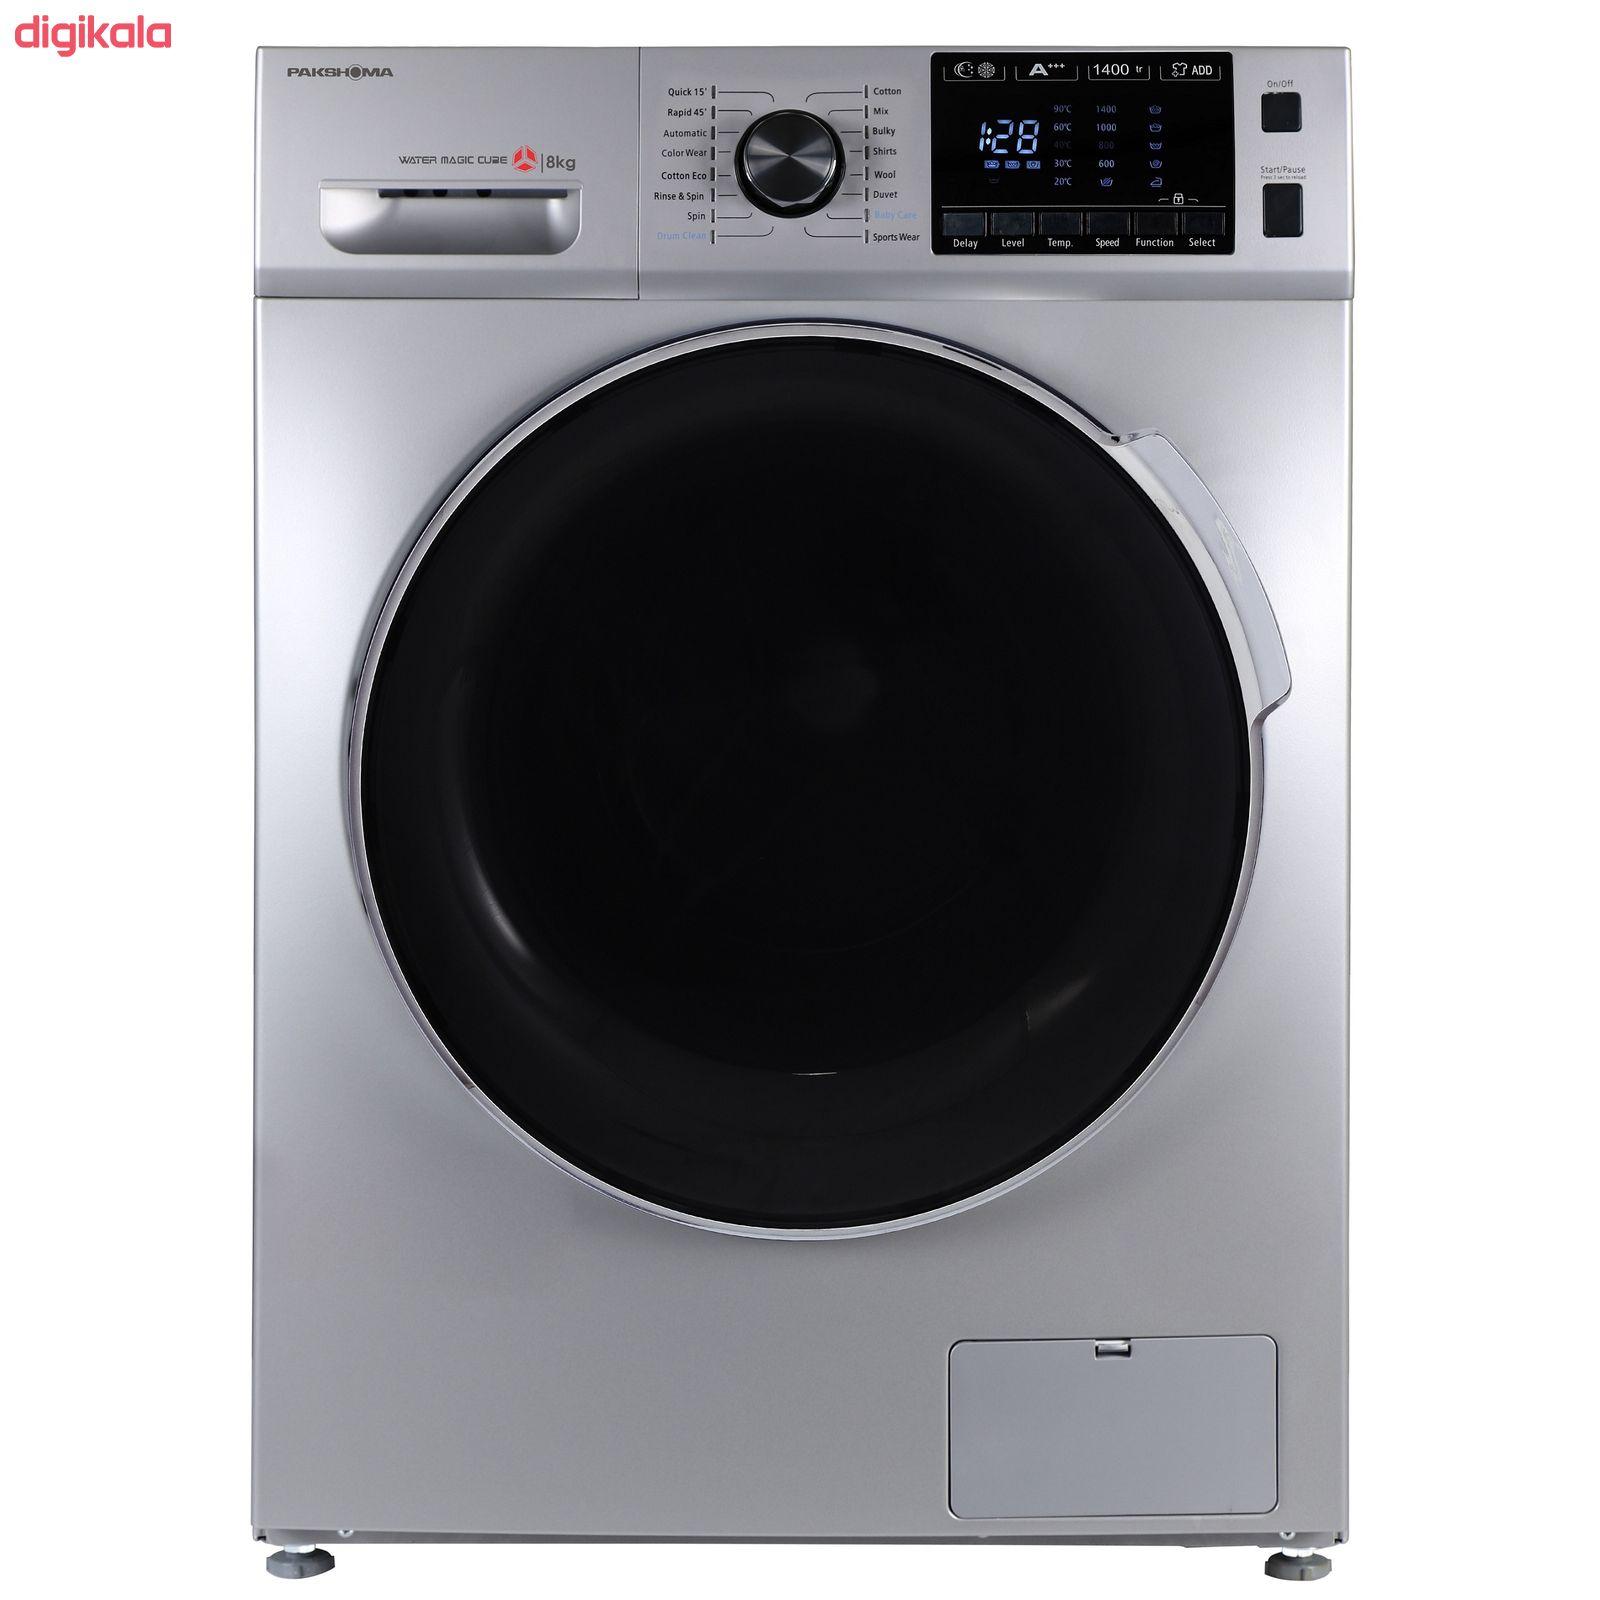 ماشین لباسشویی پاکشوما مدل TFU-84406 ظرفیت 8 کیلوگرم main 1 1